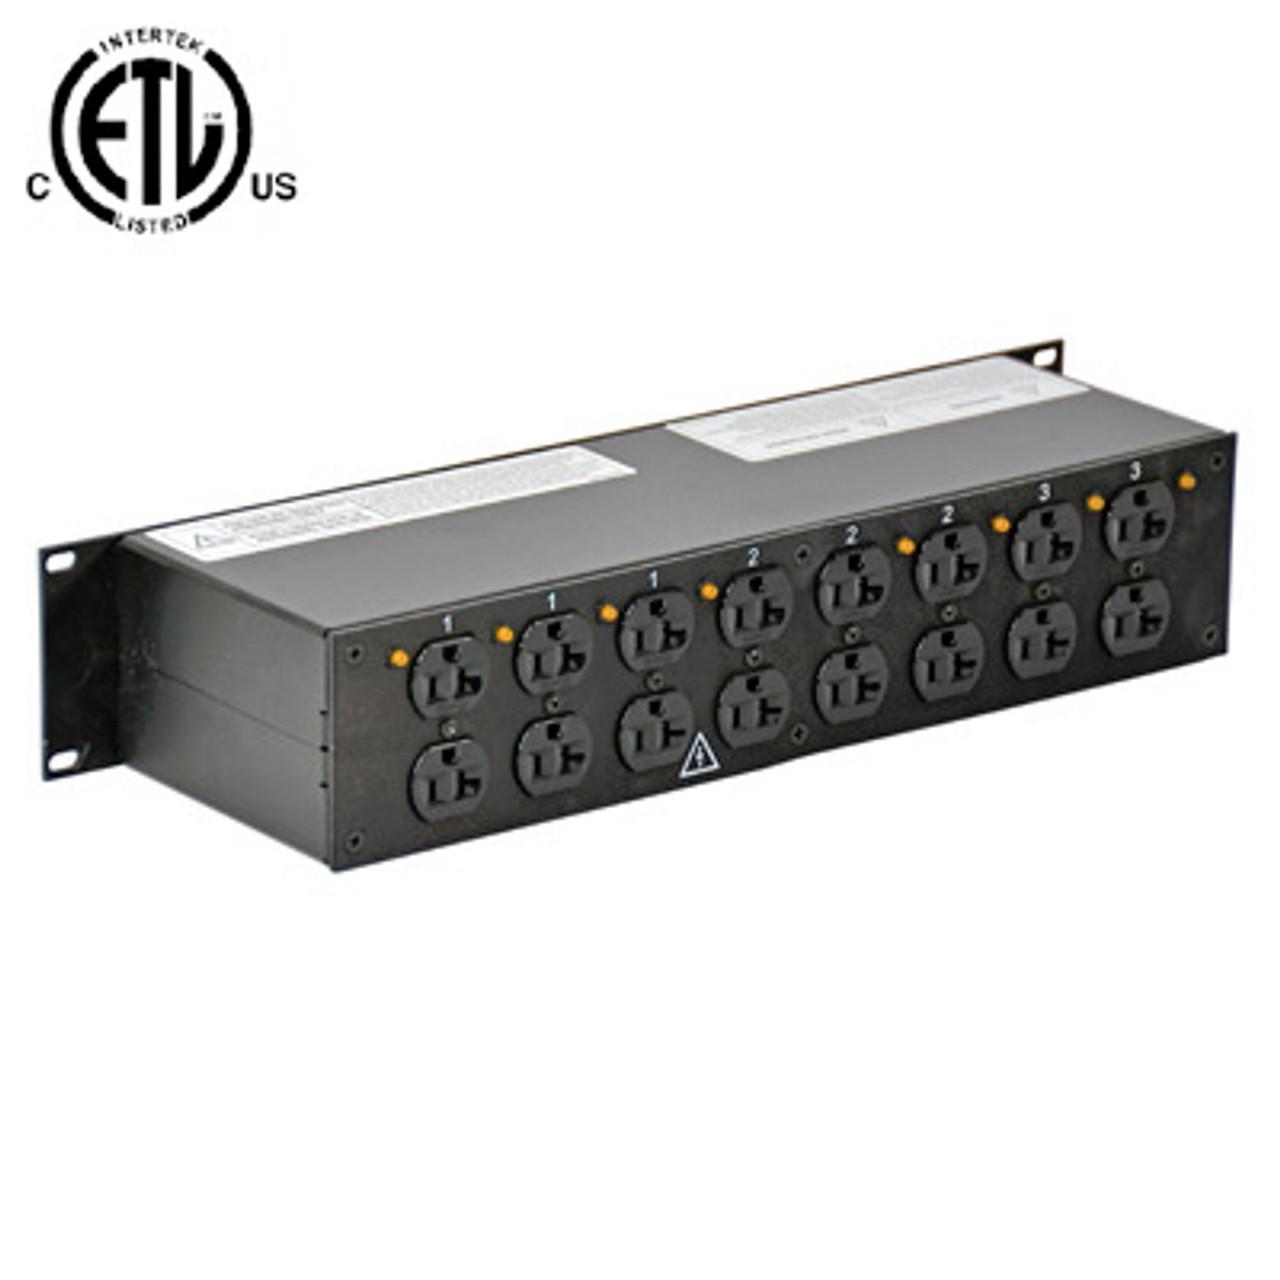 lex 2ru rack mount power distribution l21 30 in thru to 8 duplexes